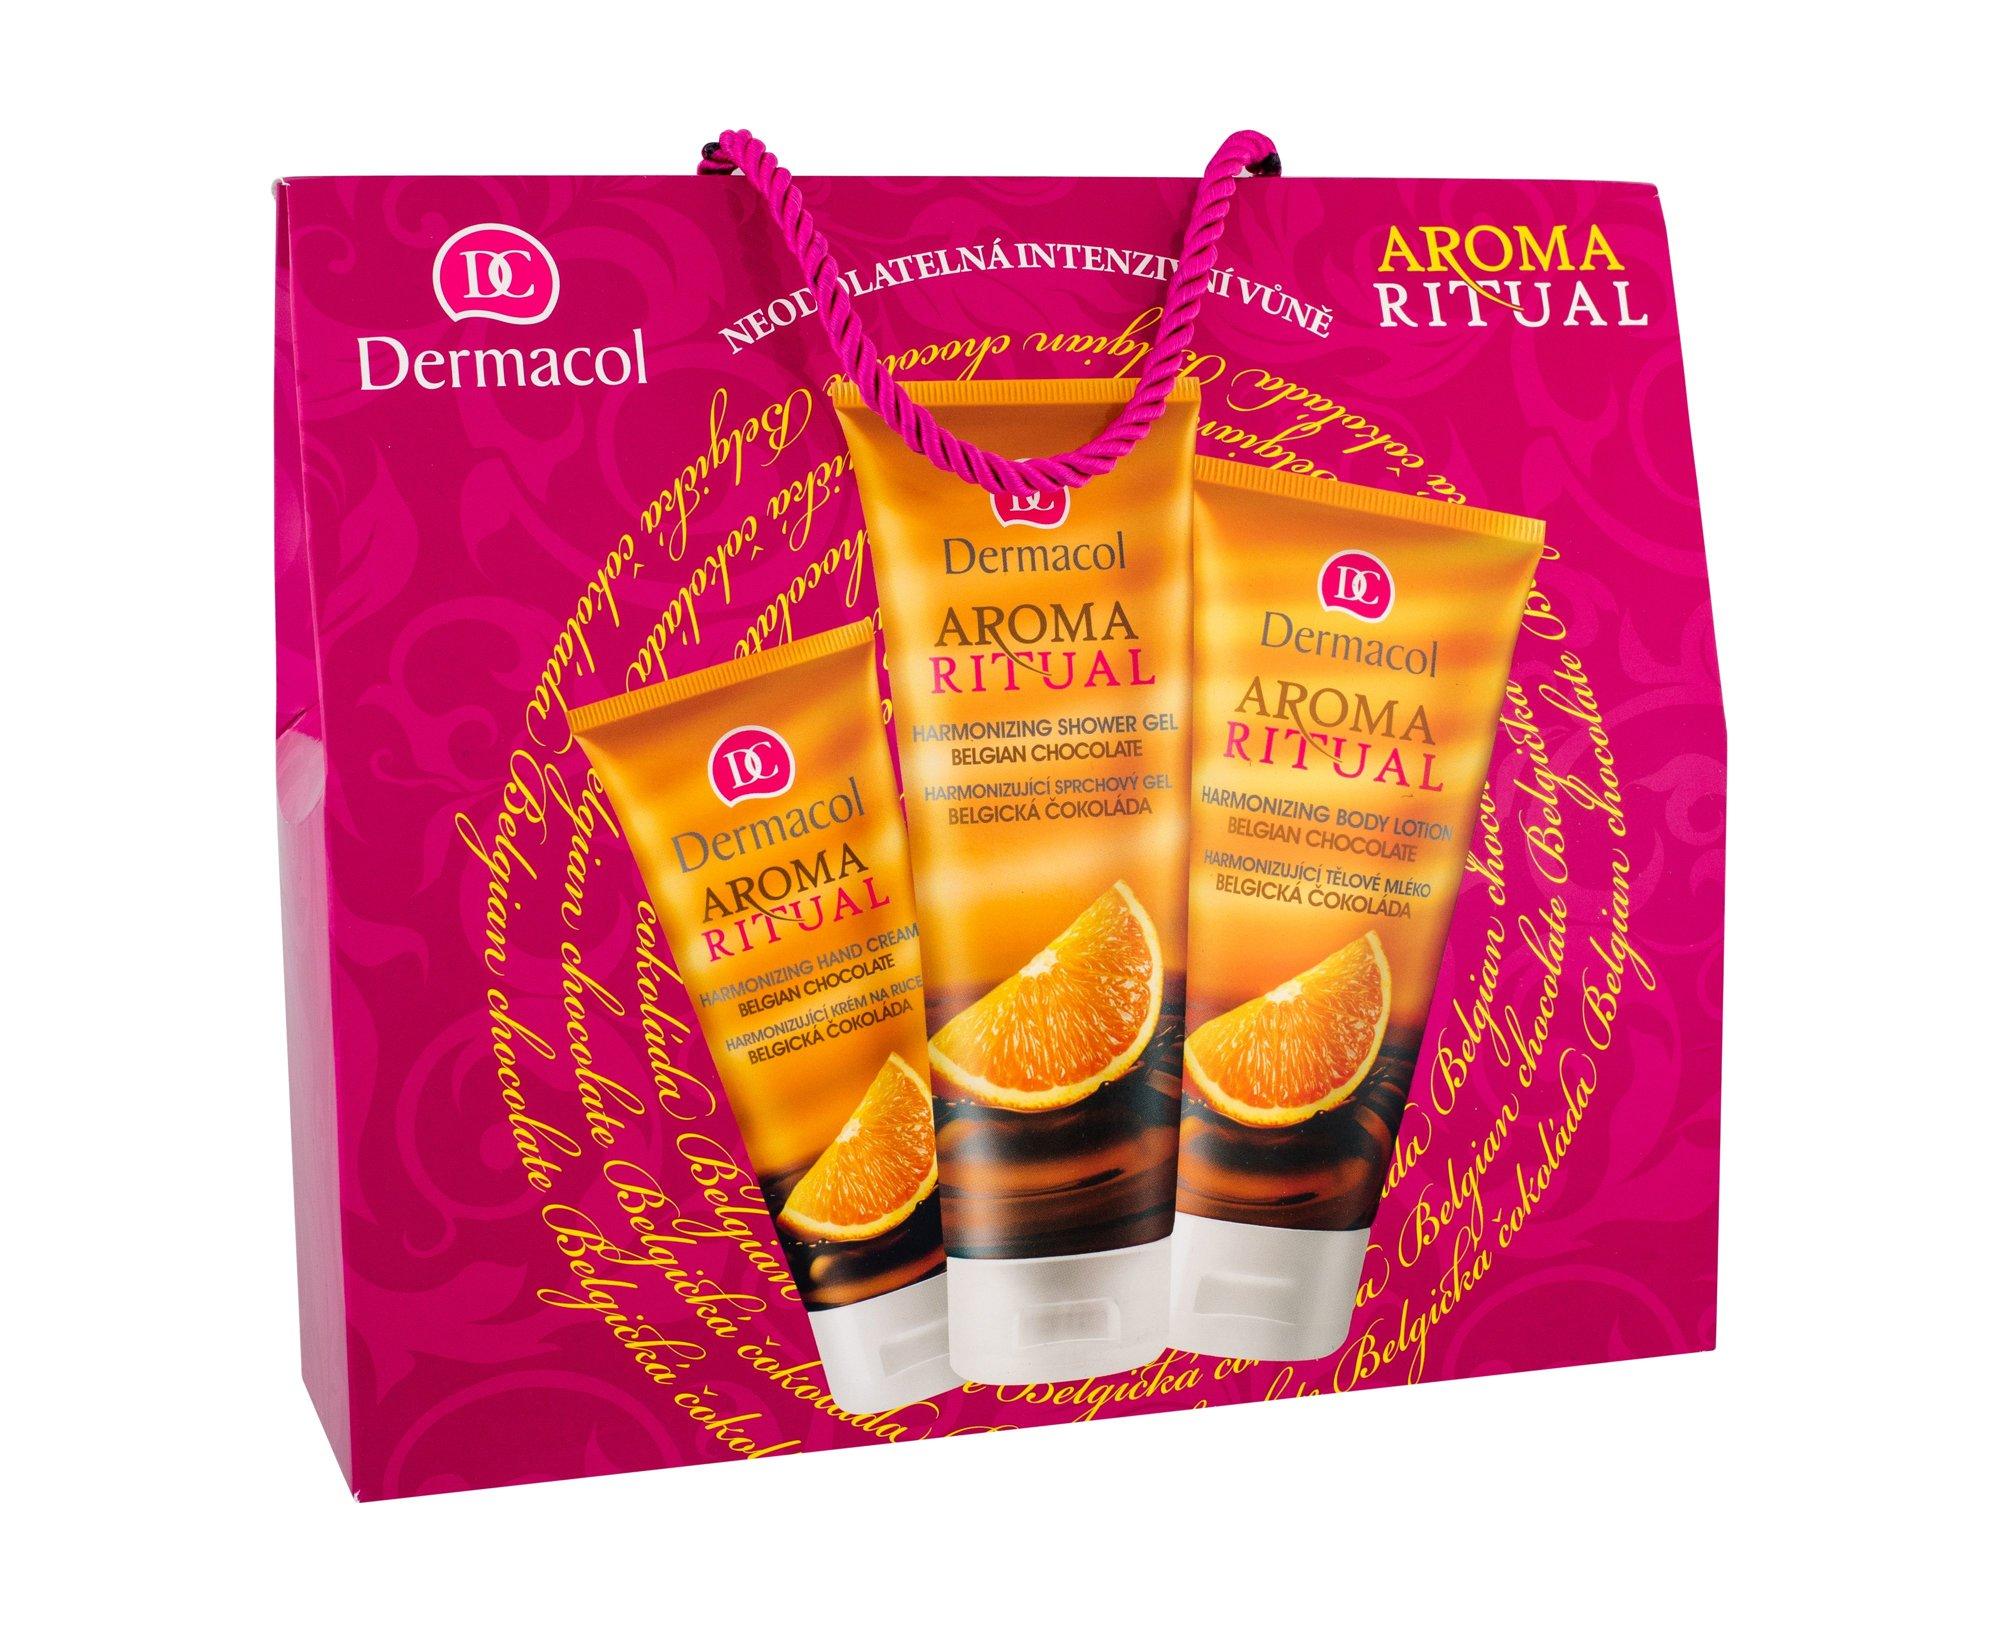 Dermacol Aroma Ritual Shower Gel 250ml